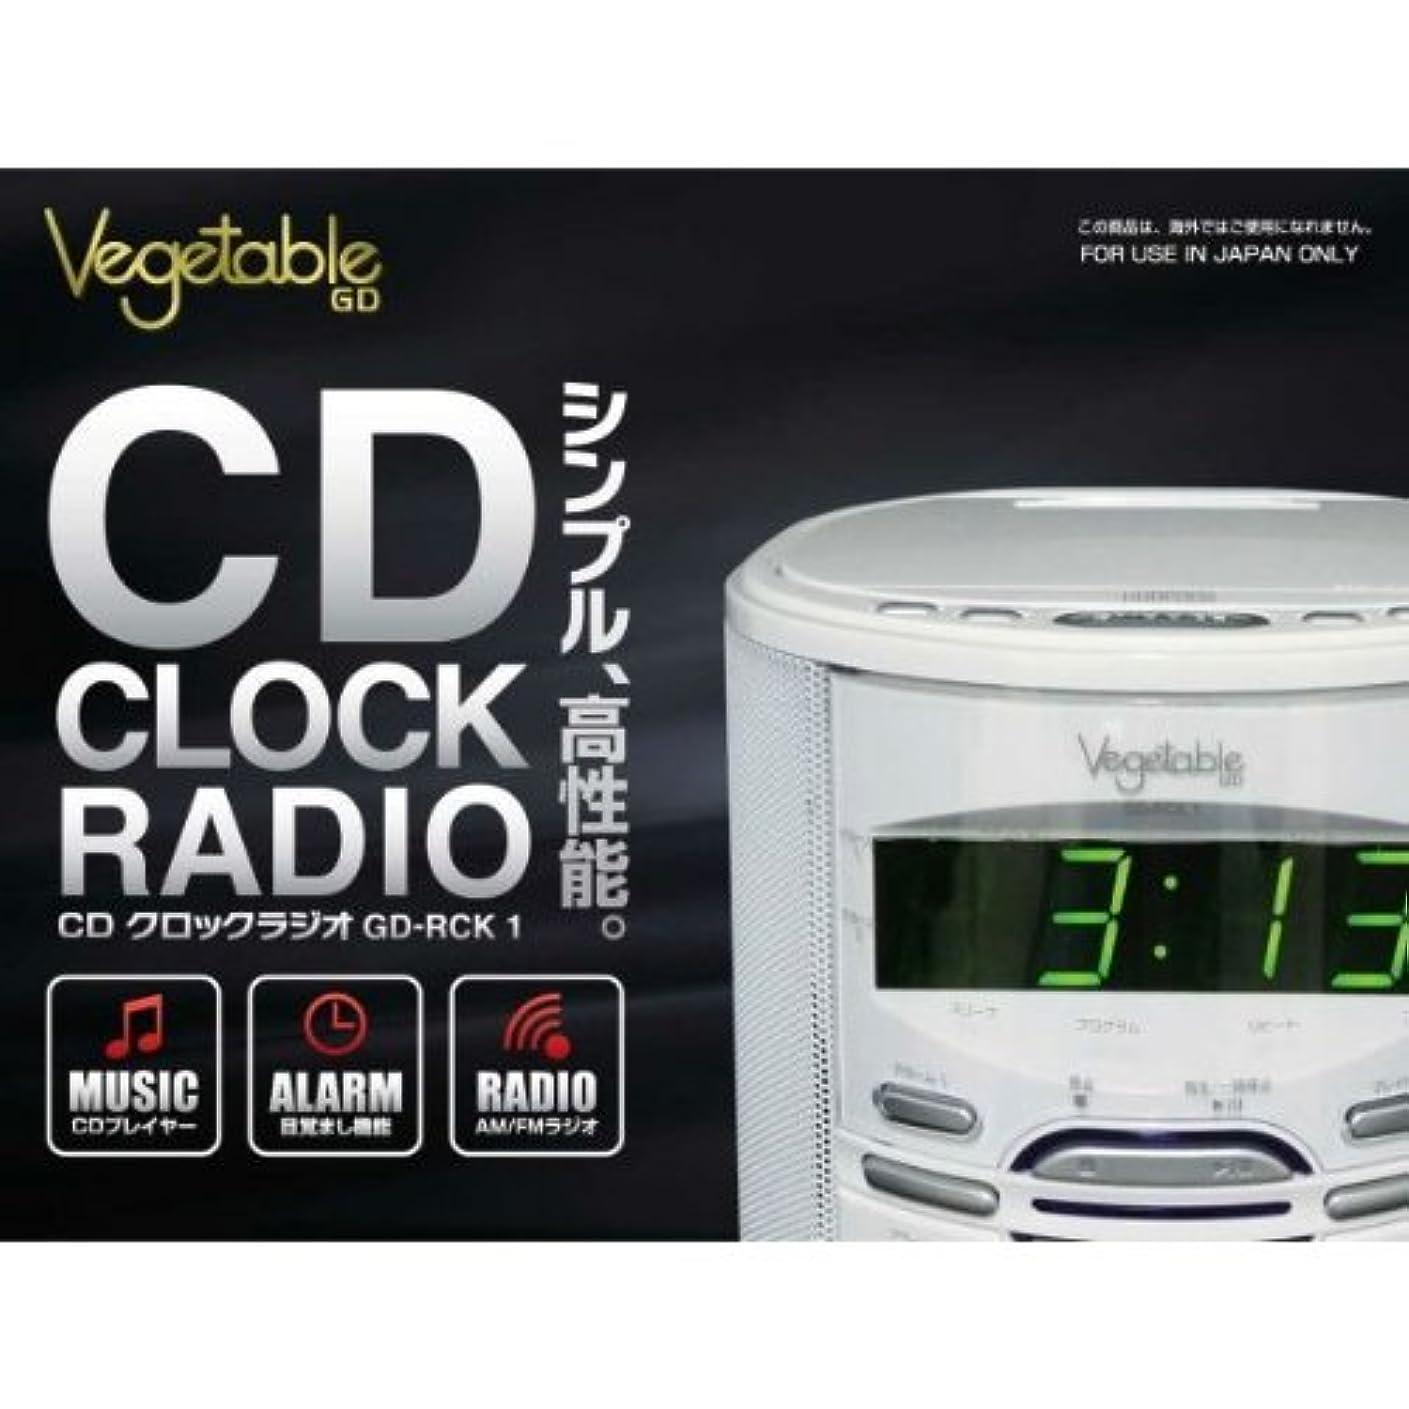 悪魔レーダーの慈悲でSony ICFC1PJ Alarm Clock Radio by Sony [並行輸入品]